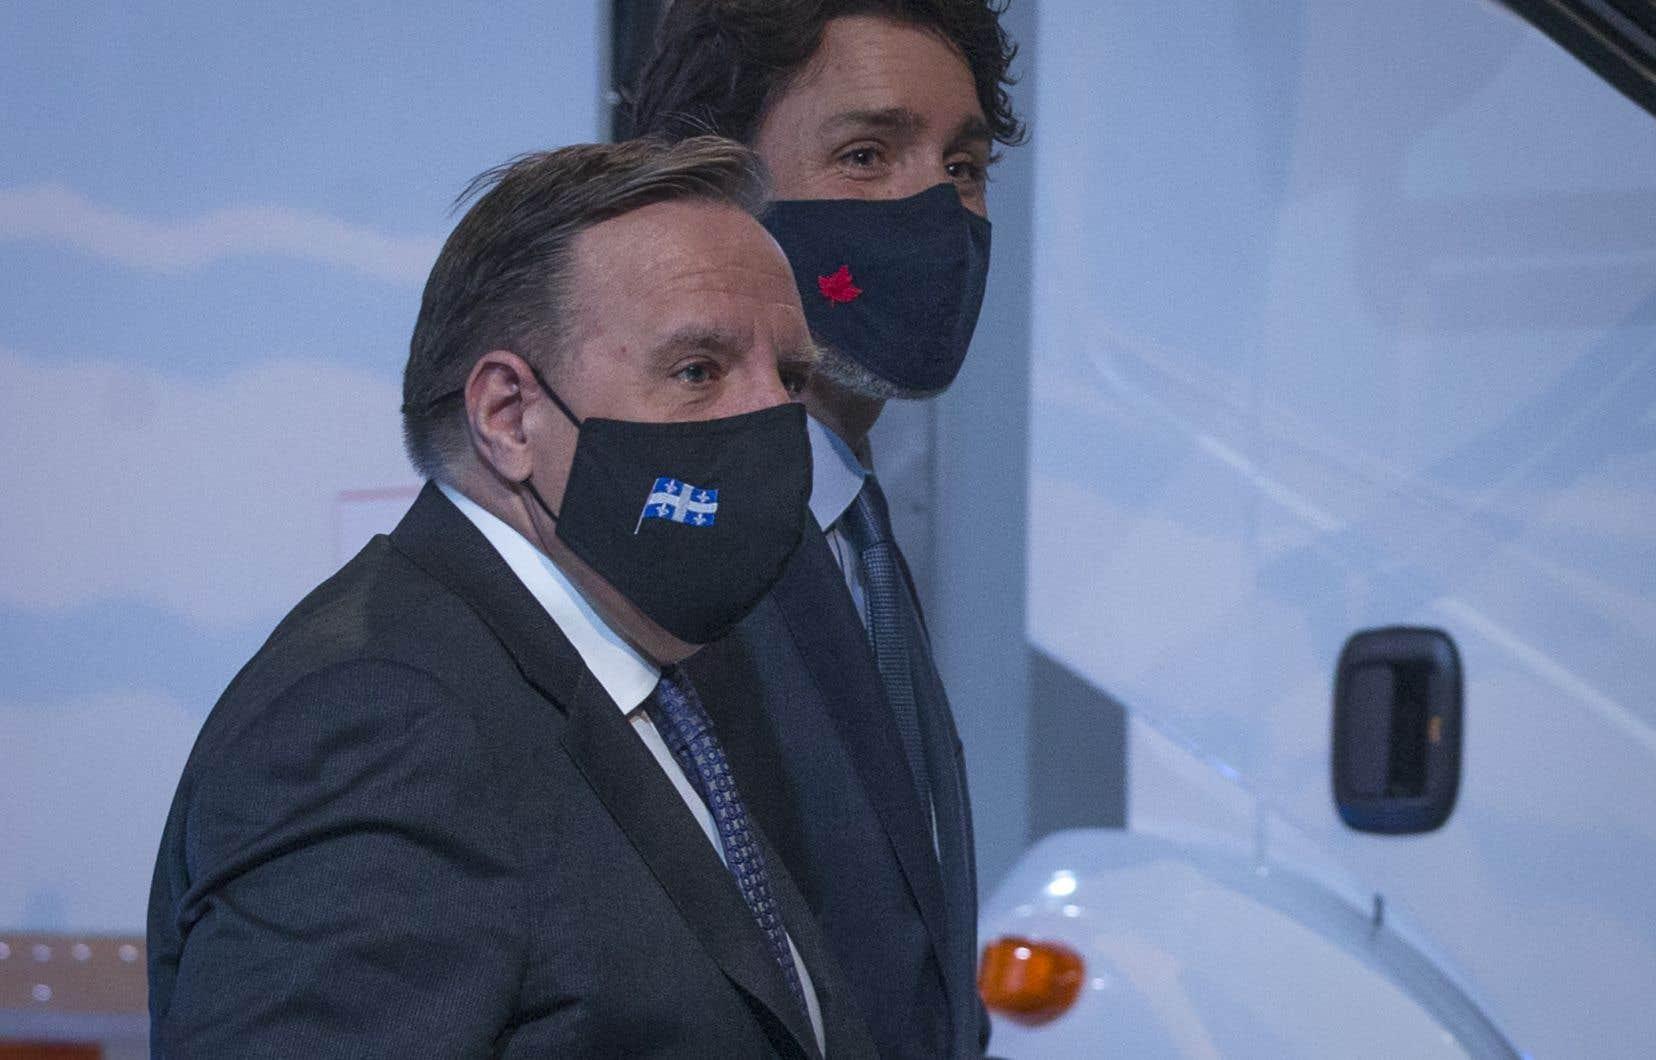 Les premiers ministres Justin Trudeau et François Legault tenaient une conférence de presse conjointe à Montréal, lundi matin, pour faire une annonce à saveur économique.